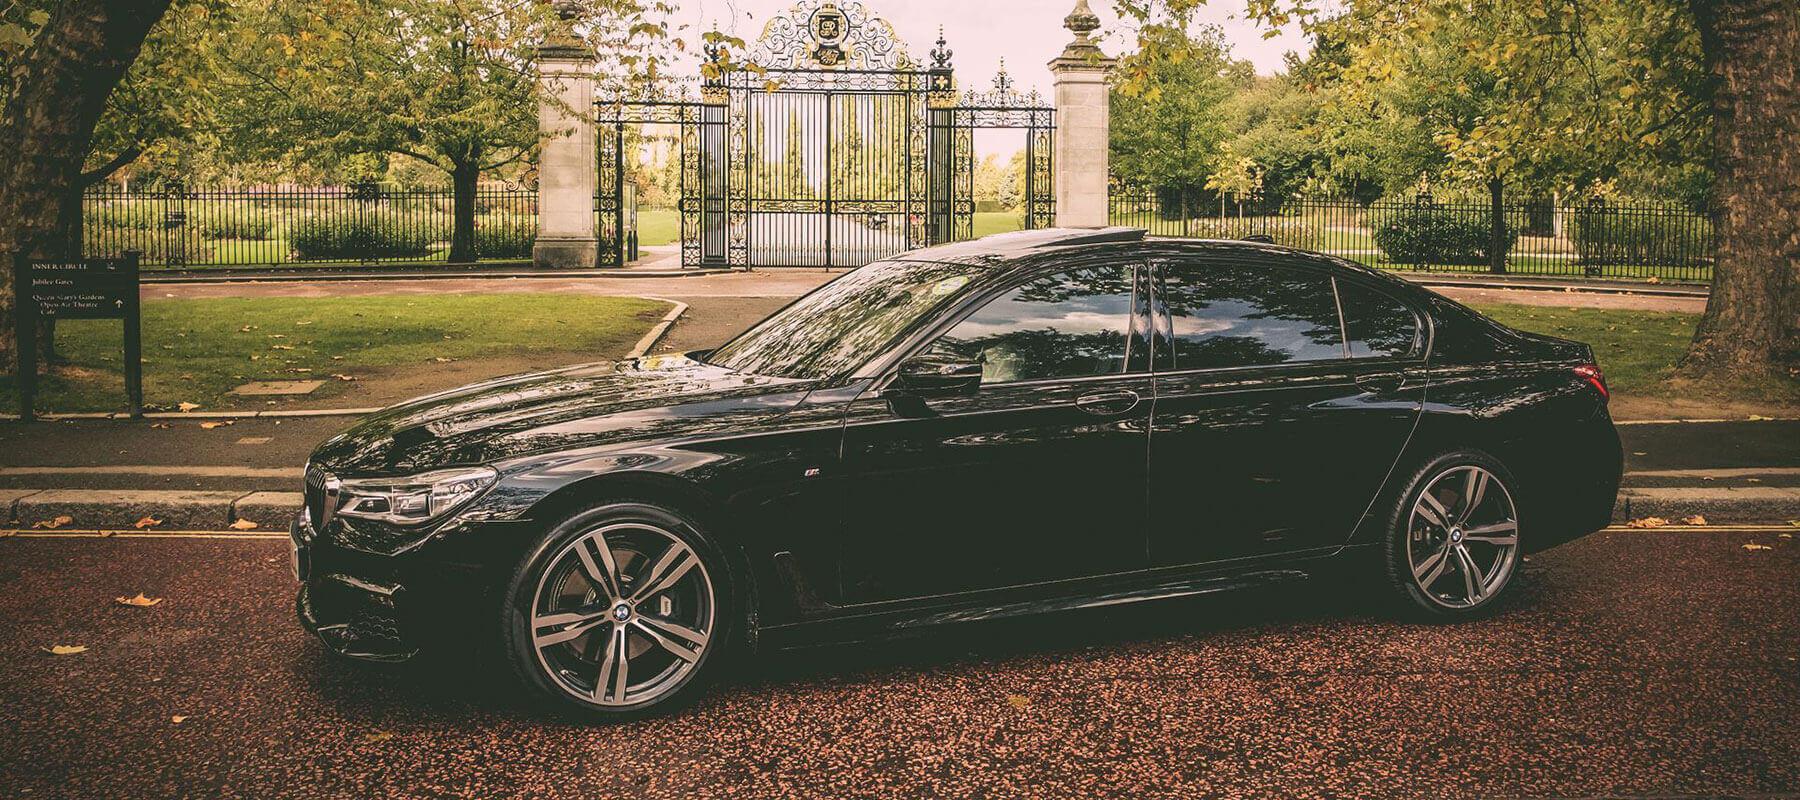 bmw 7 series wedding car